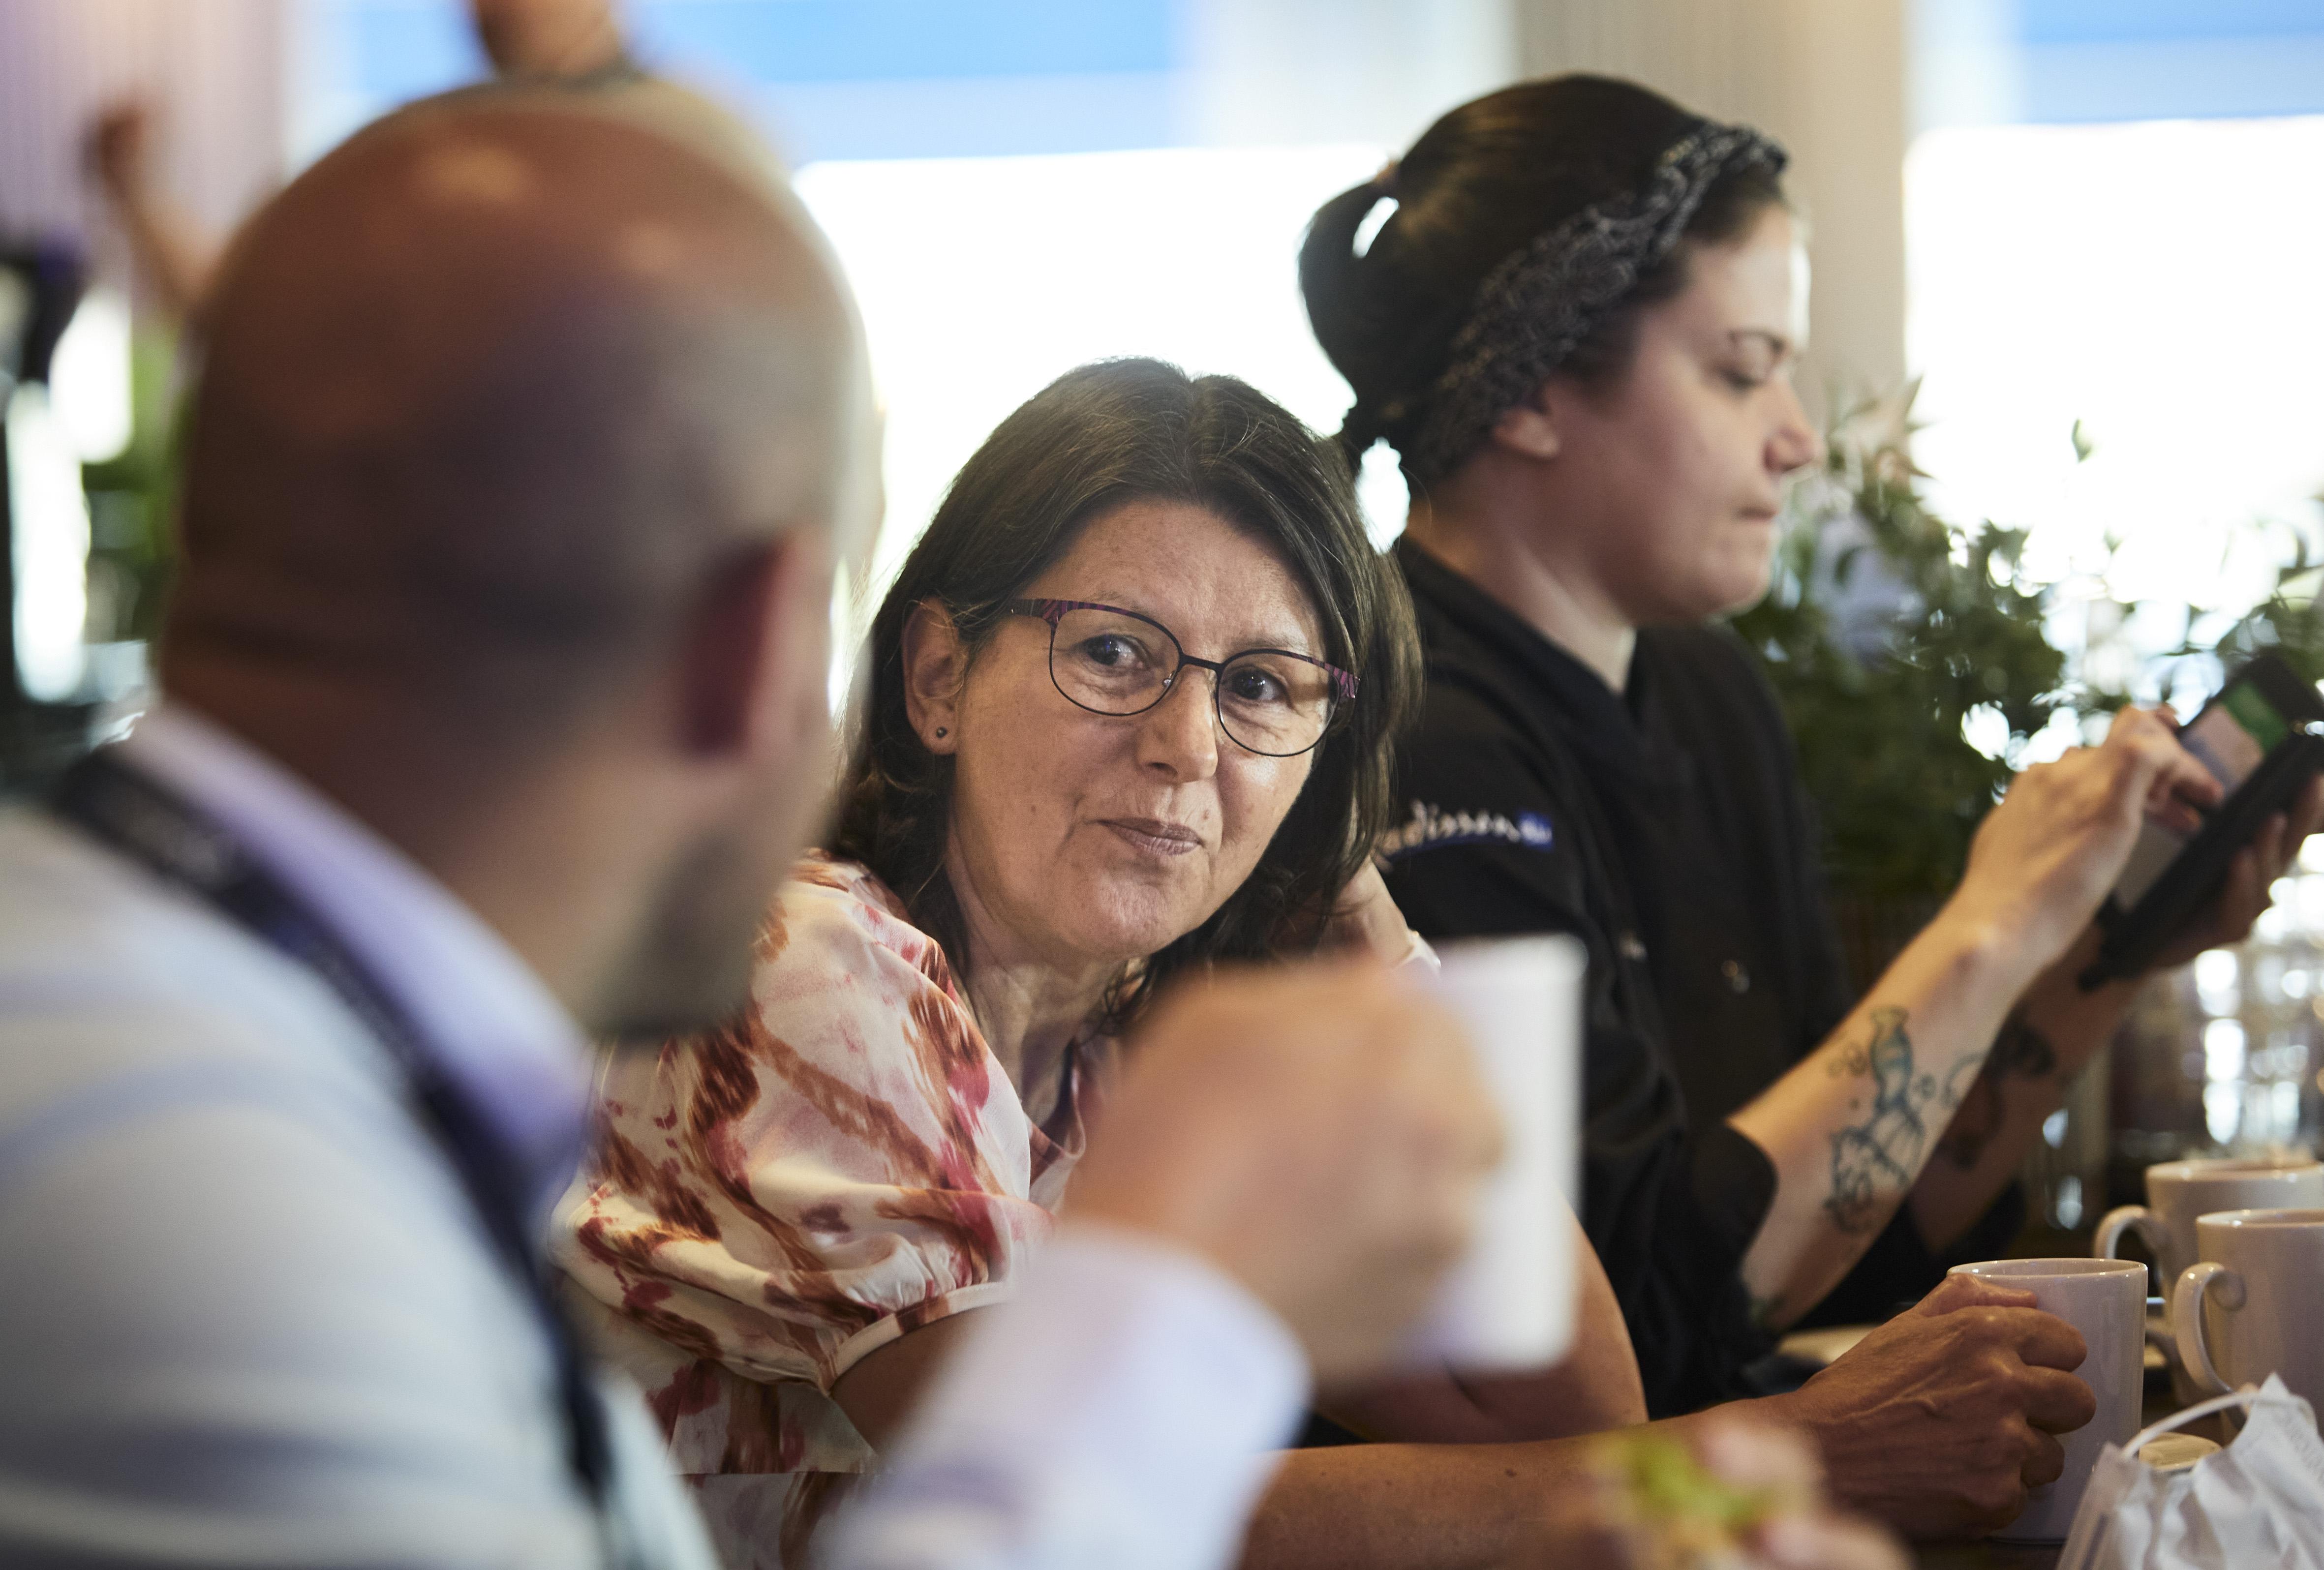 Kaija Jäntti keskustelee tarjoilija Ilay Aydinin kanssa.Hän hoitaa työasiat mieluummin kasvotusten kuin muiden viestintävälineiden avulla.  Ⓒ ©Kai Tirkkonen